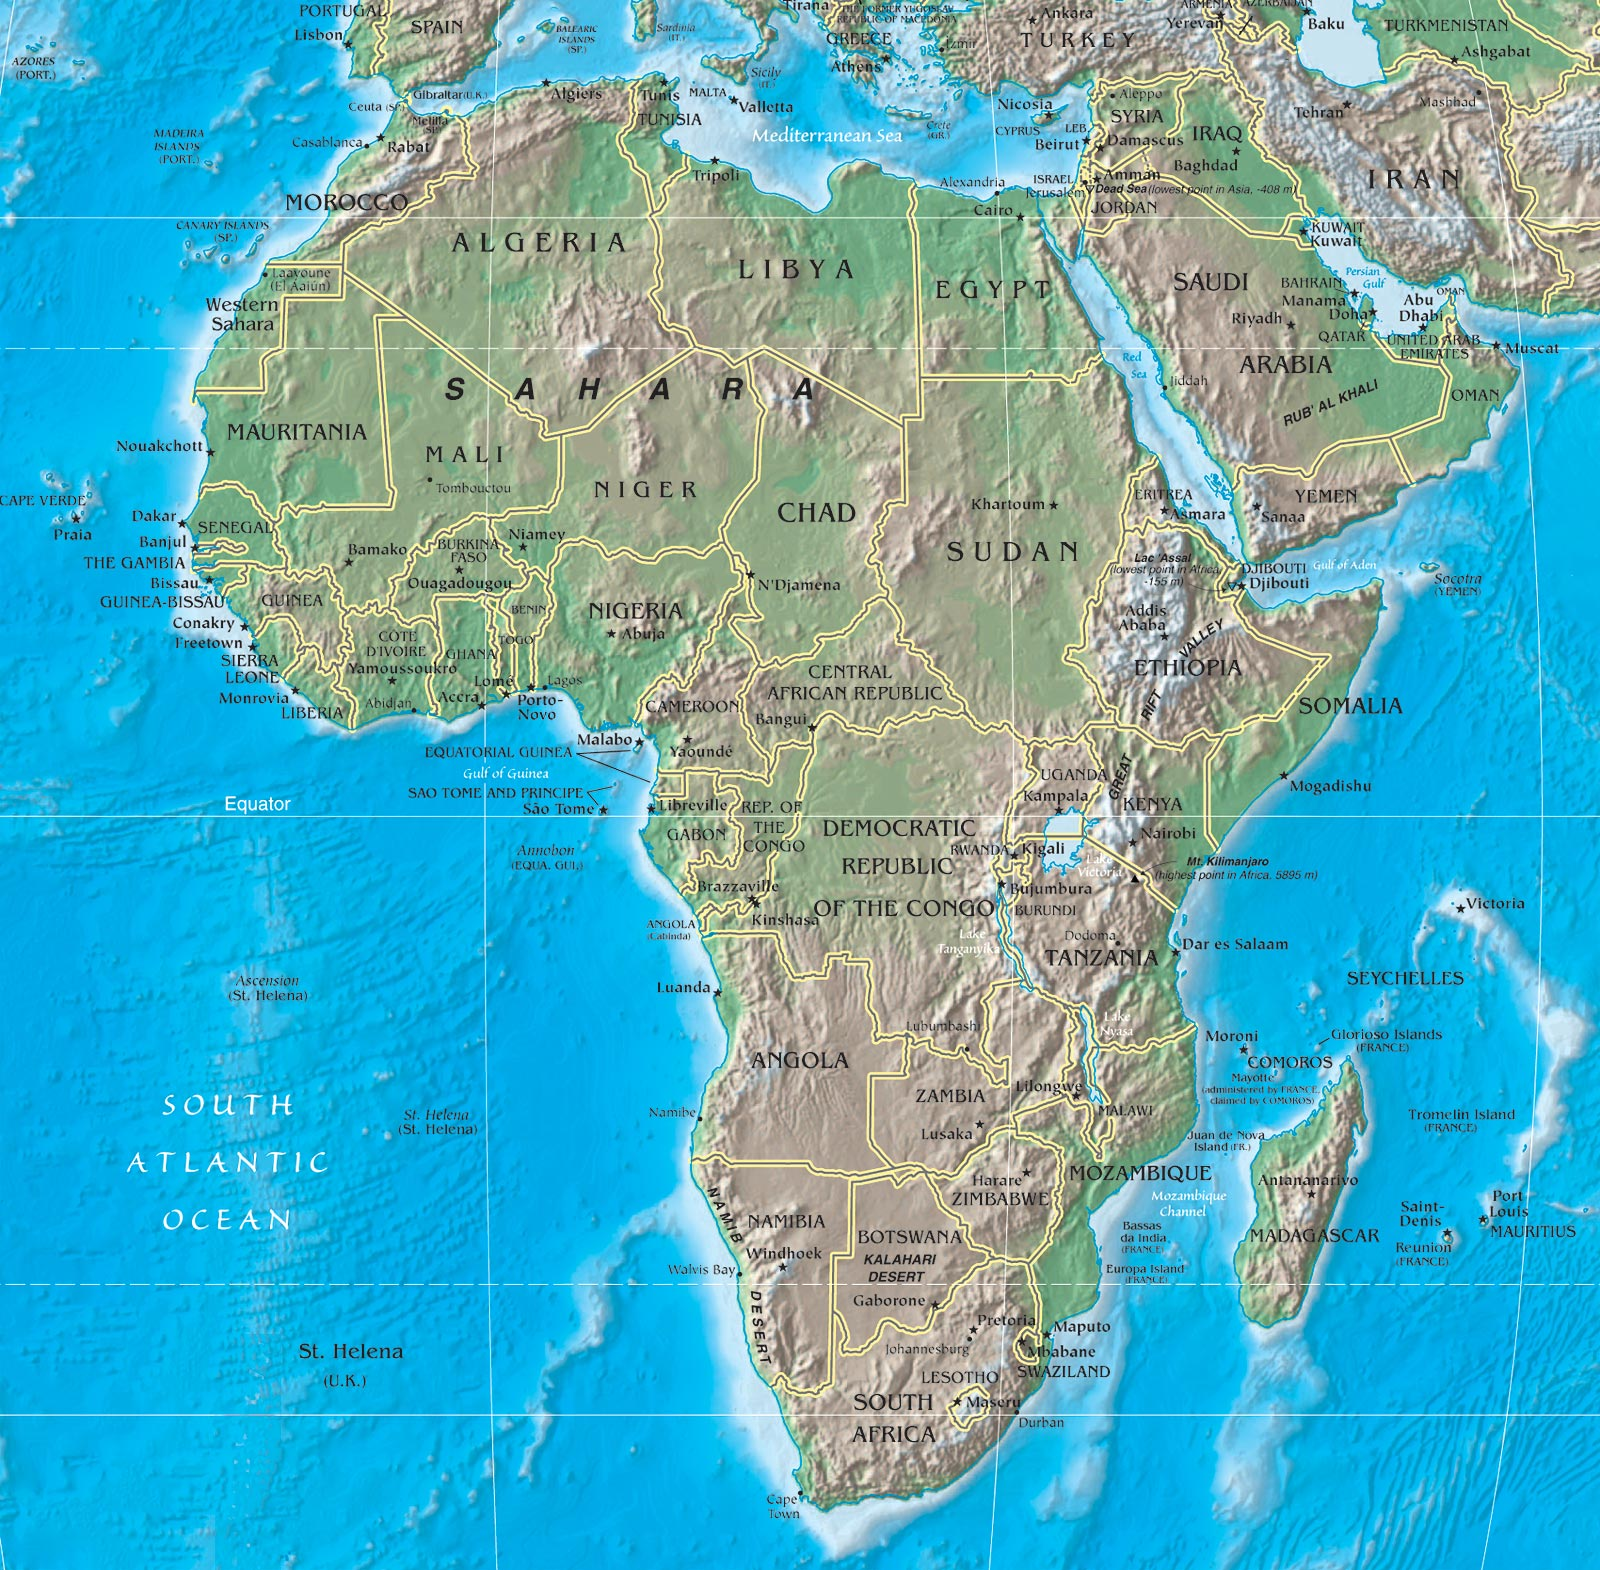 Cartina Fisica Dell Africa Mediterranea.Africa Mappa Geografia Caratteristiche Fisiche Flora Fauna Africana